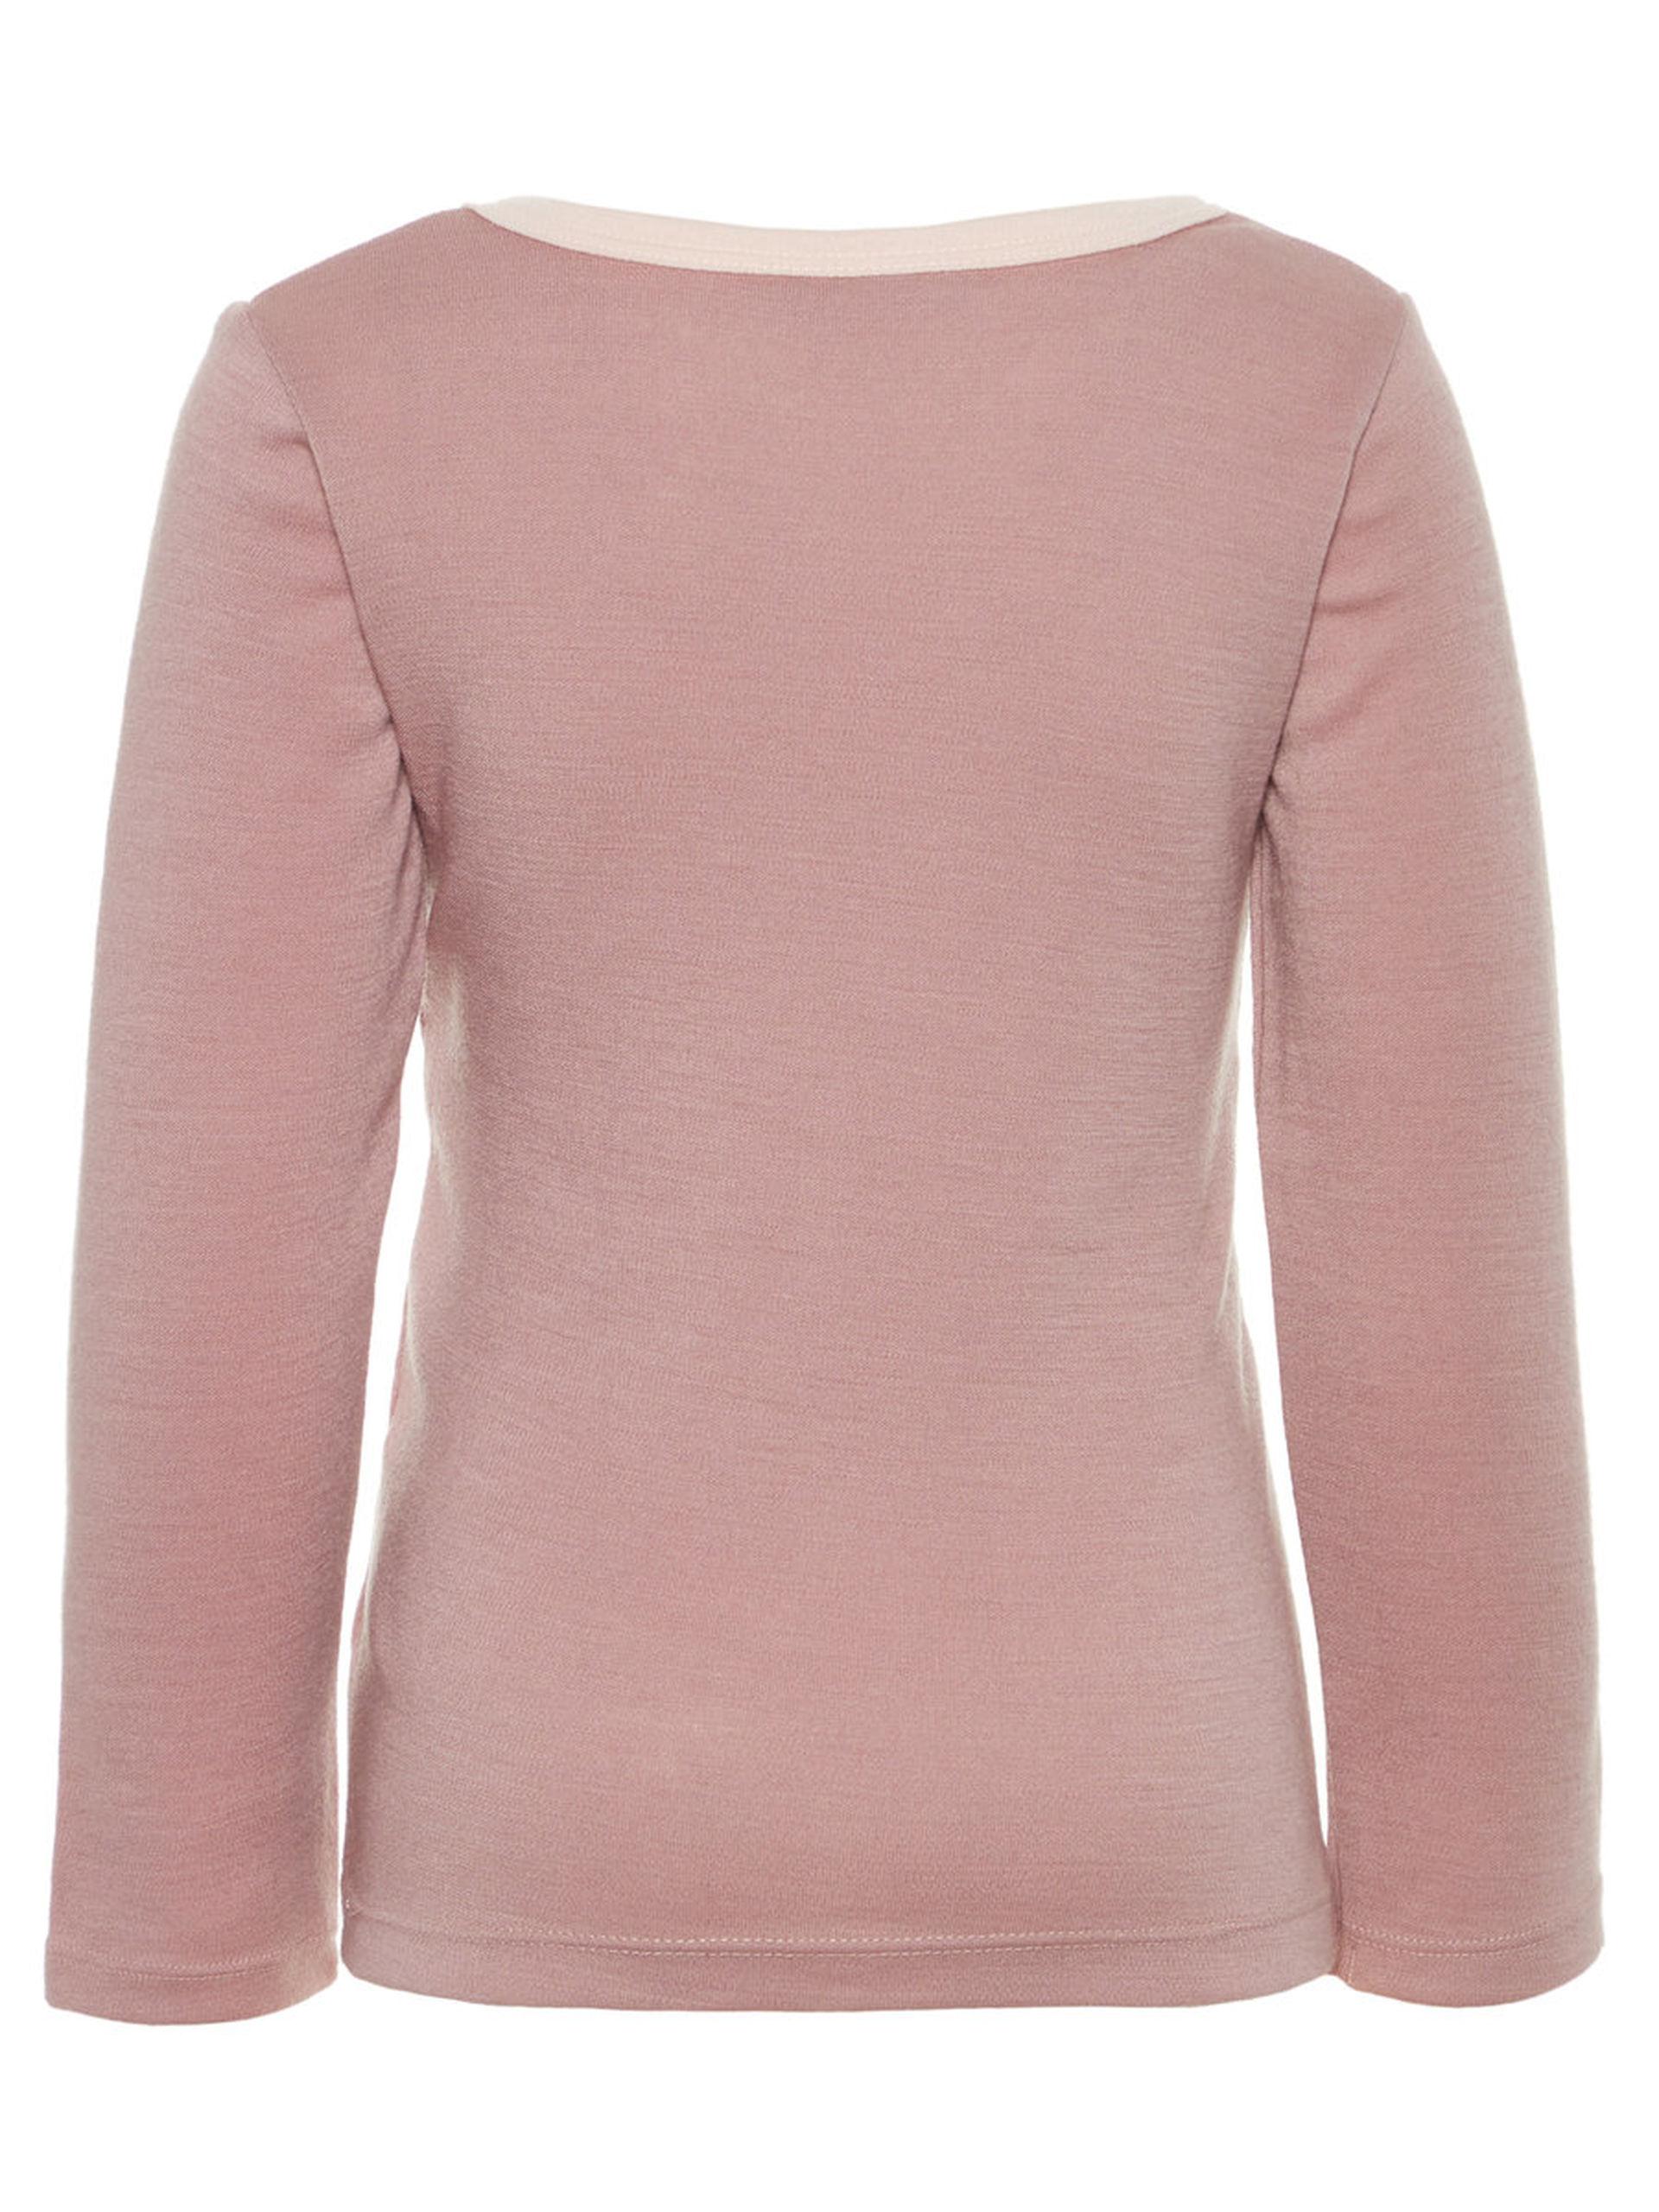 b41a323d Ull til barn, Name It rosa ulltrøye, rosa ullgenser til jente ...